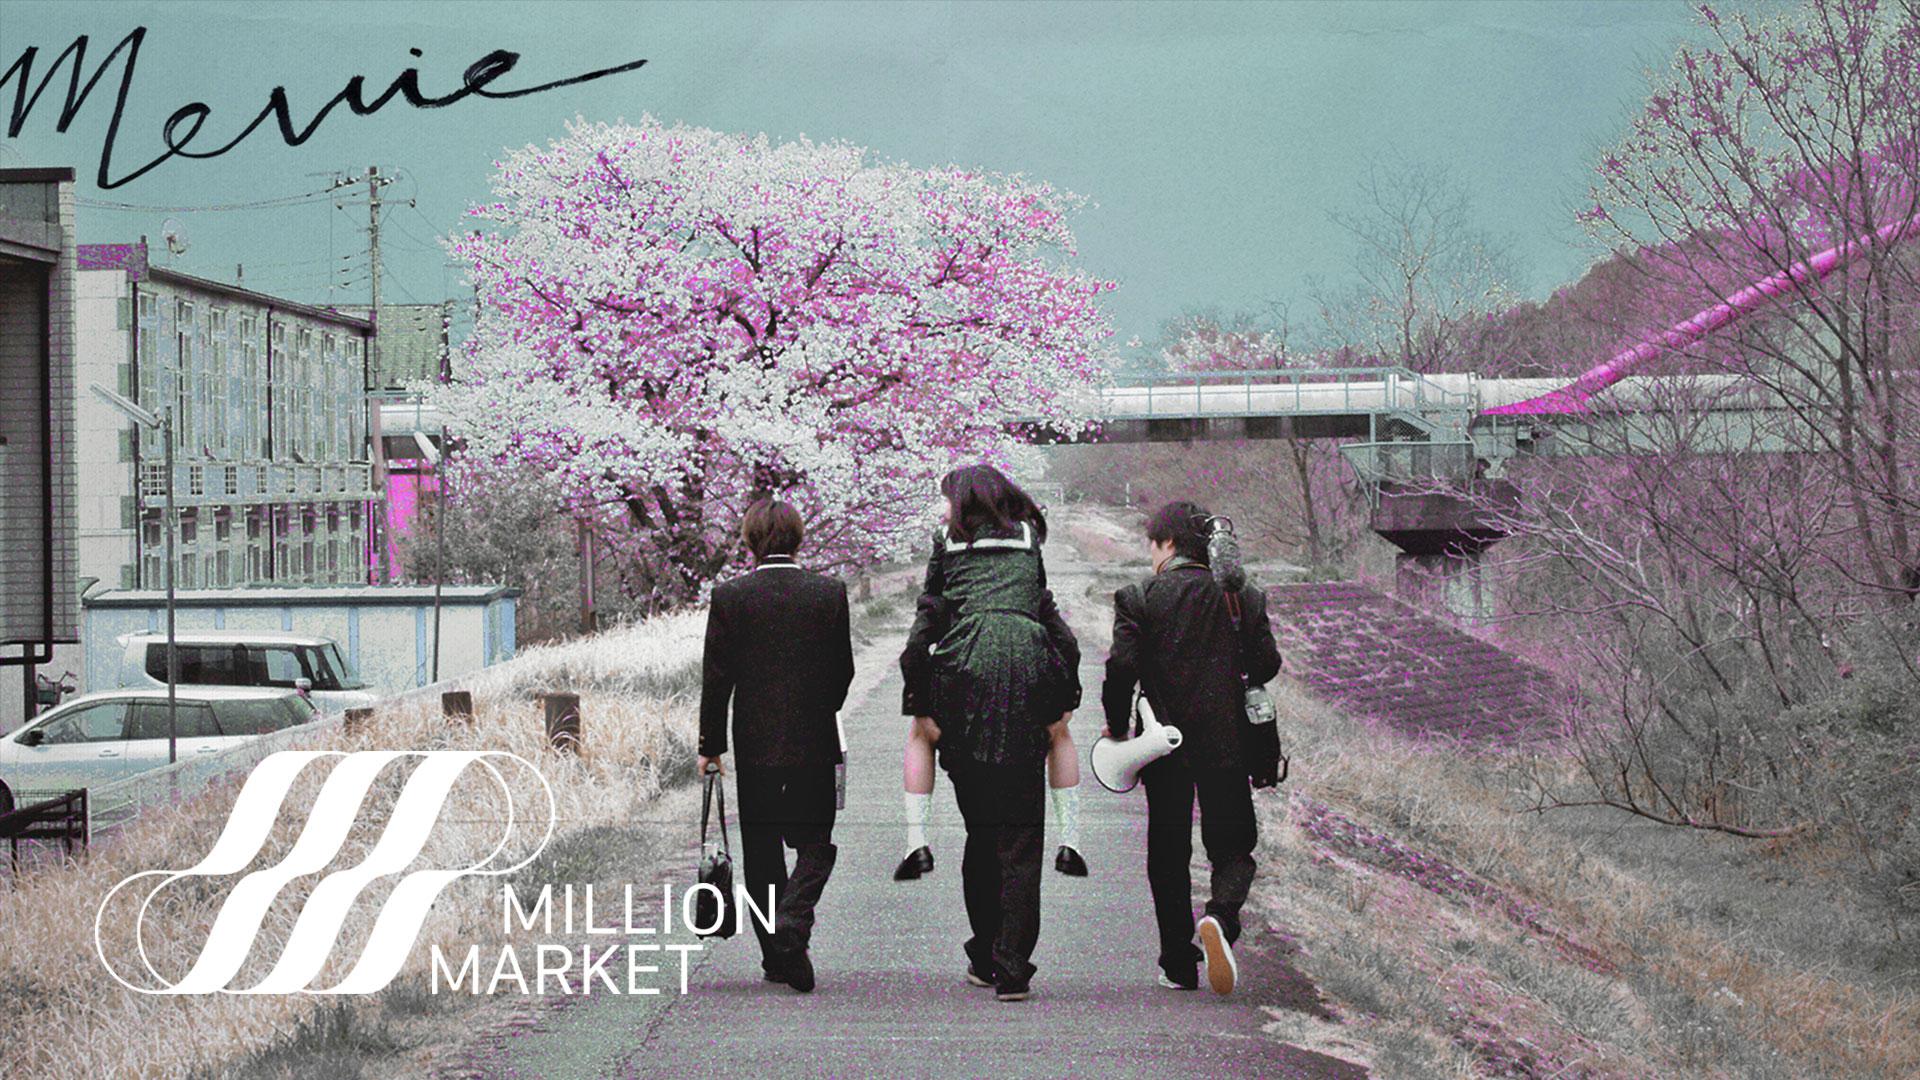 PENOMECO 페노메코 '영화 한 편 찍자 Movie' MV